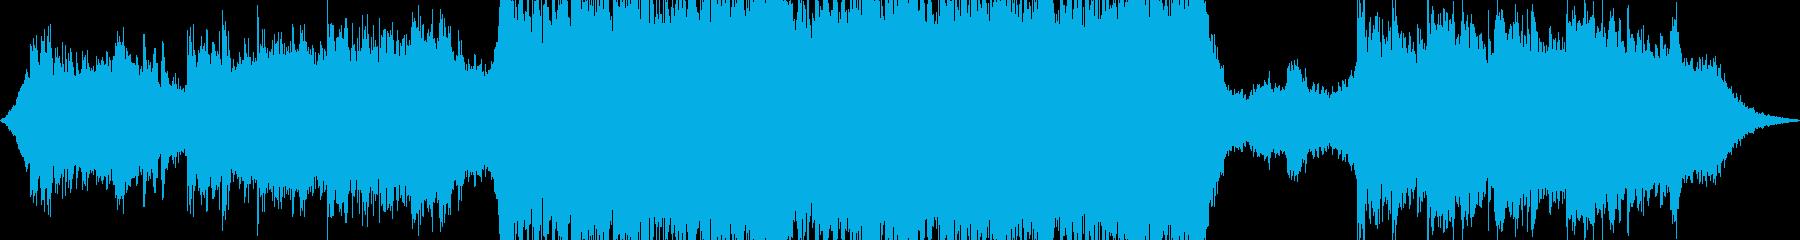 アンビエントでインスピレーションな曲の再生済みの波形